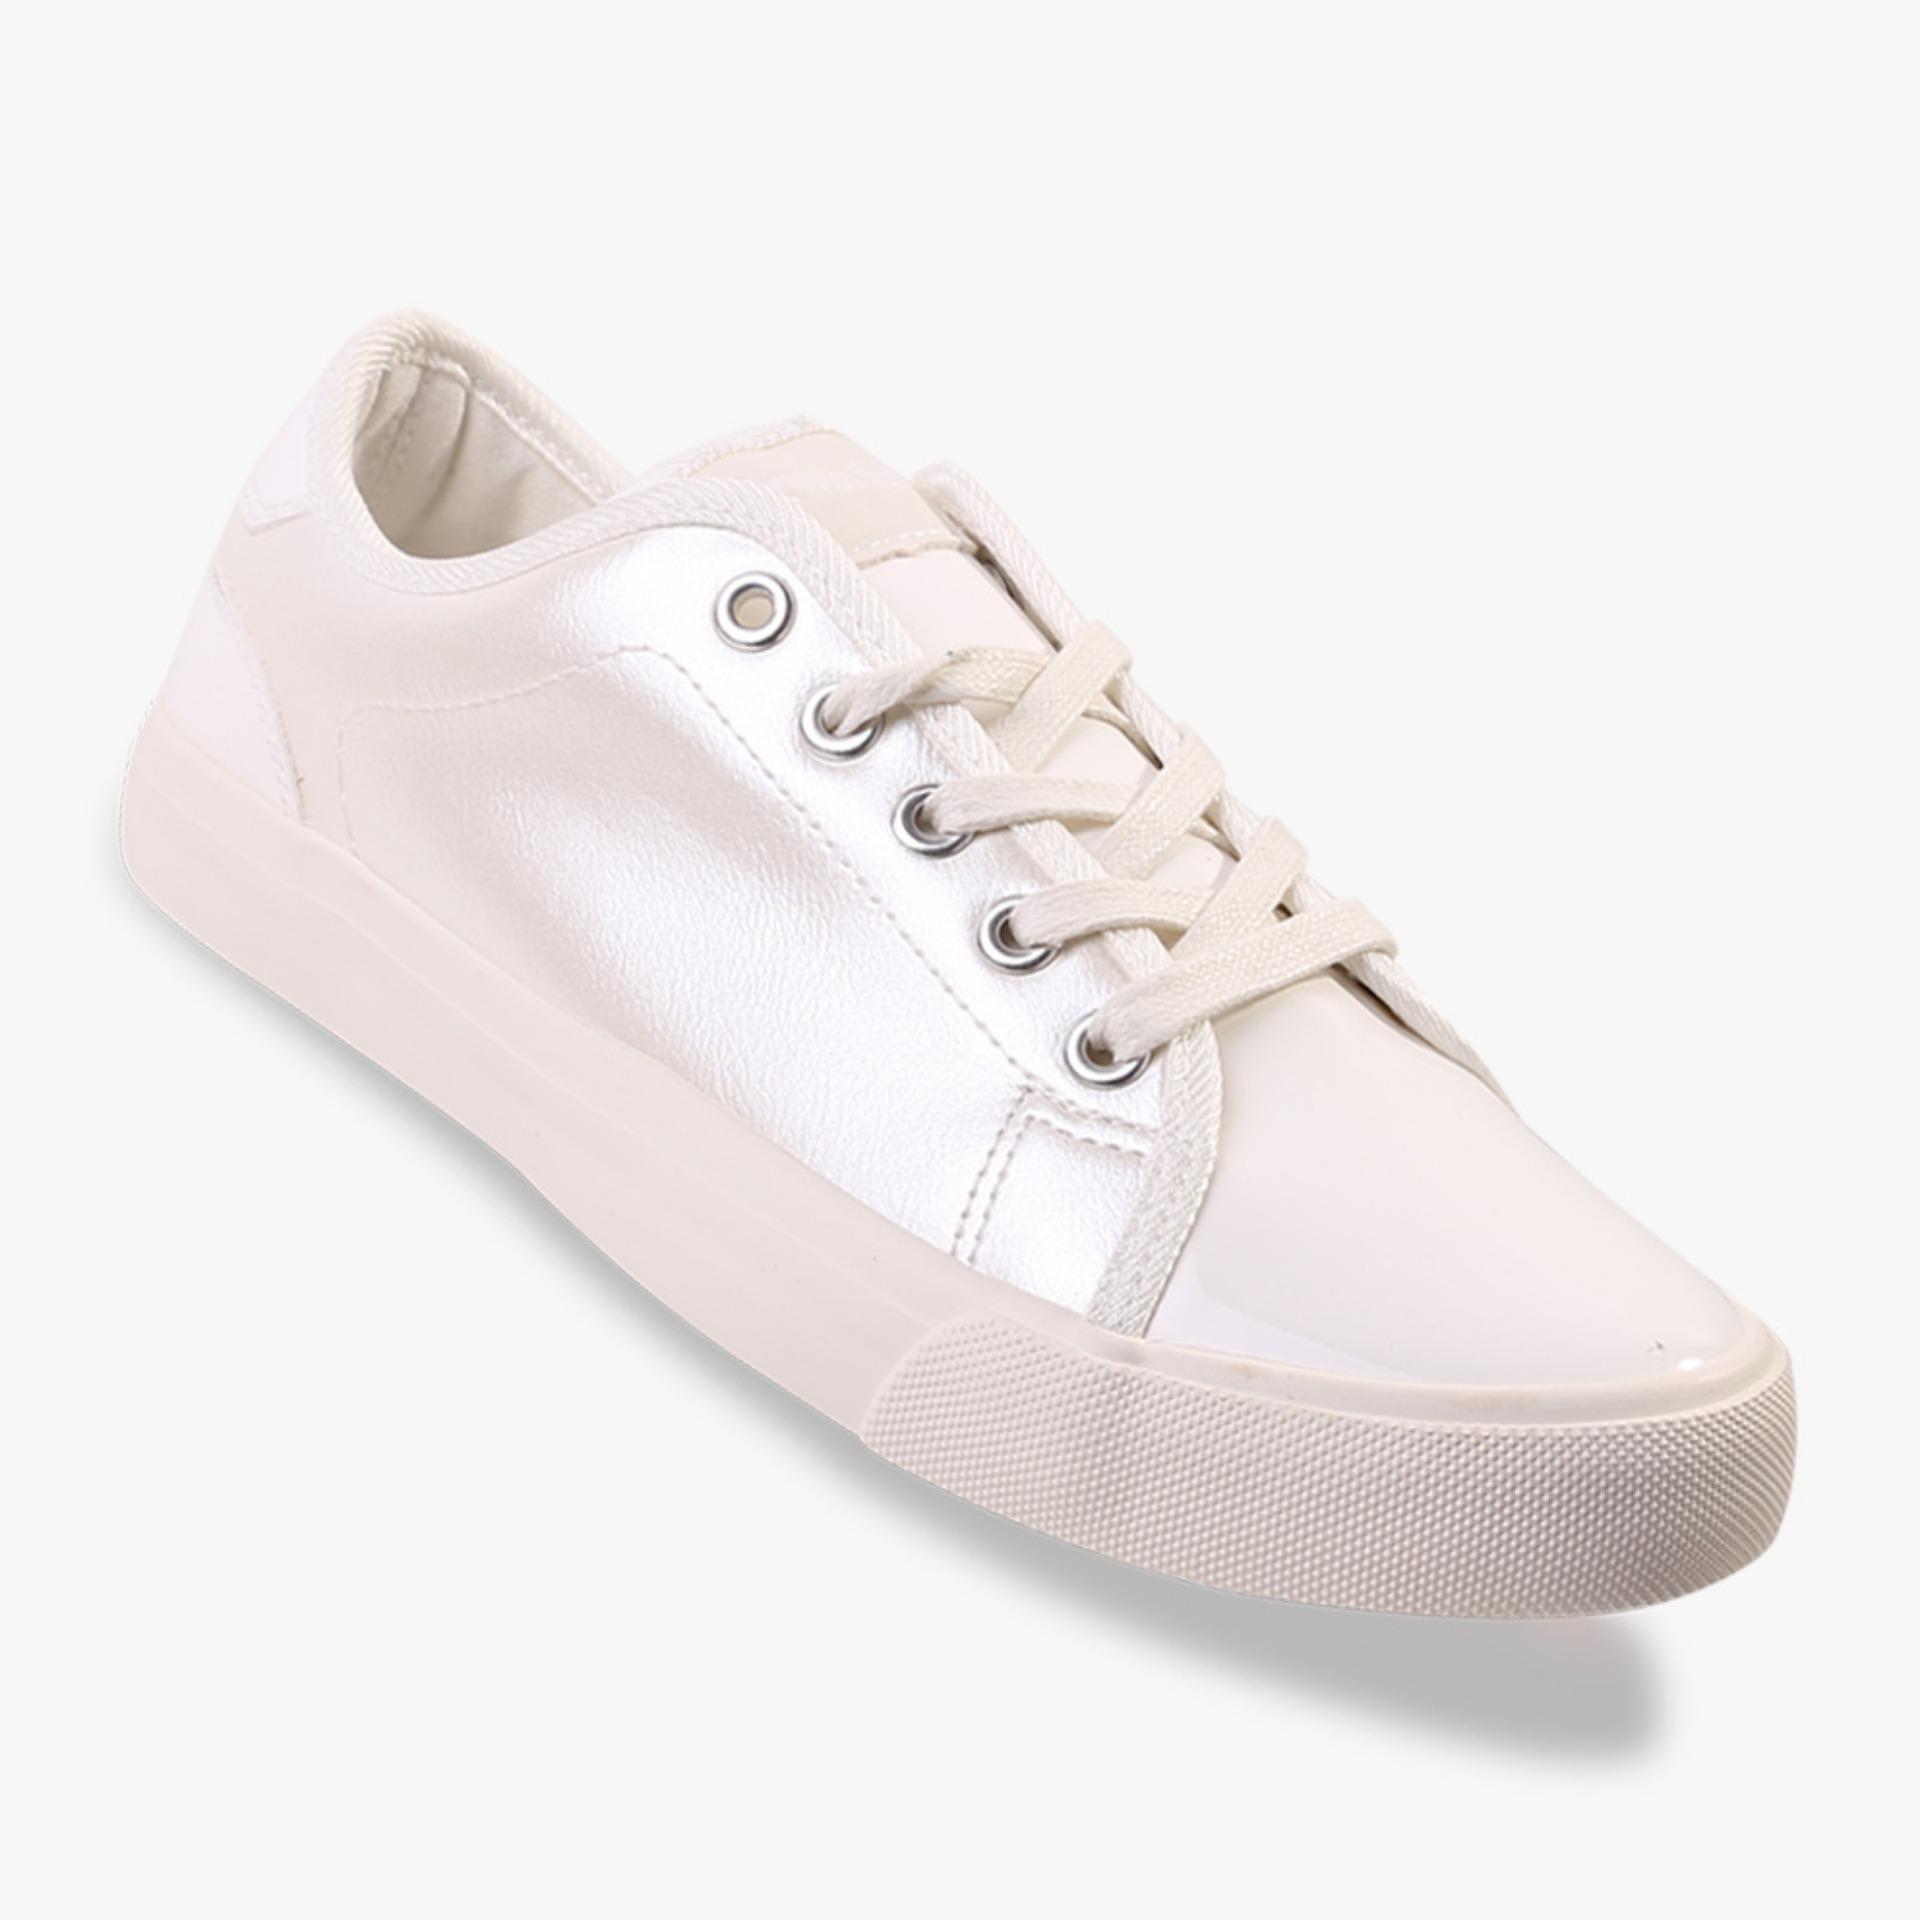 Beli Airwalk Jyle Women S Sneakers Shoes Putih Seken